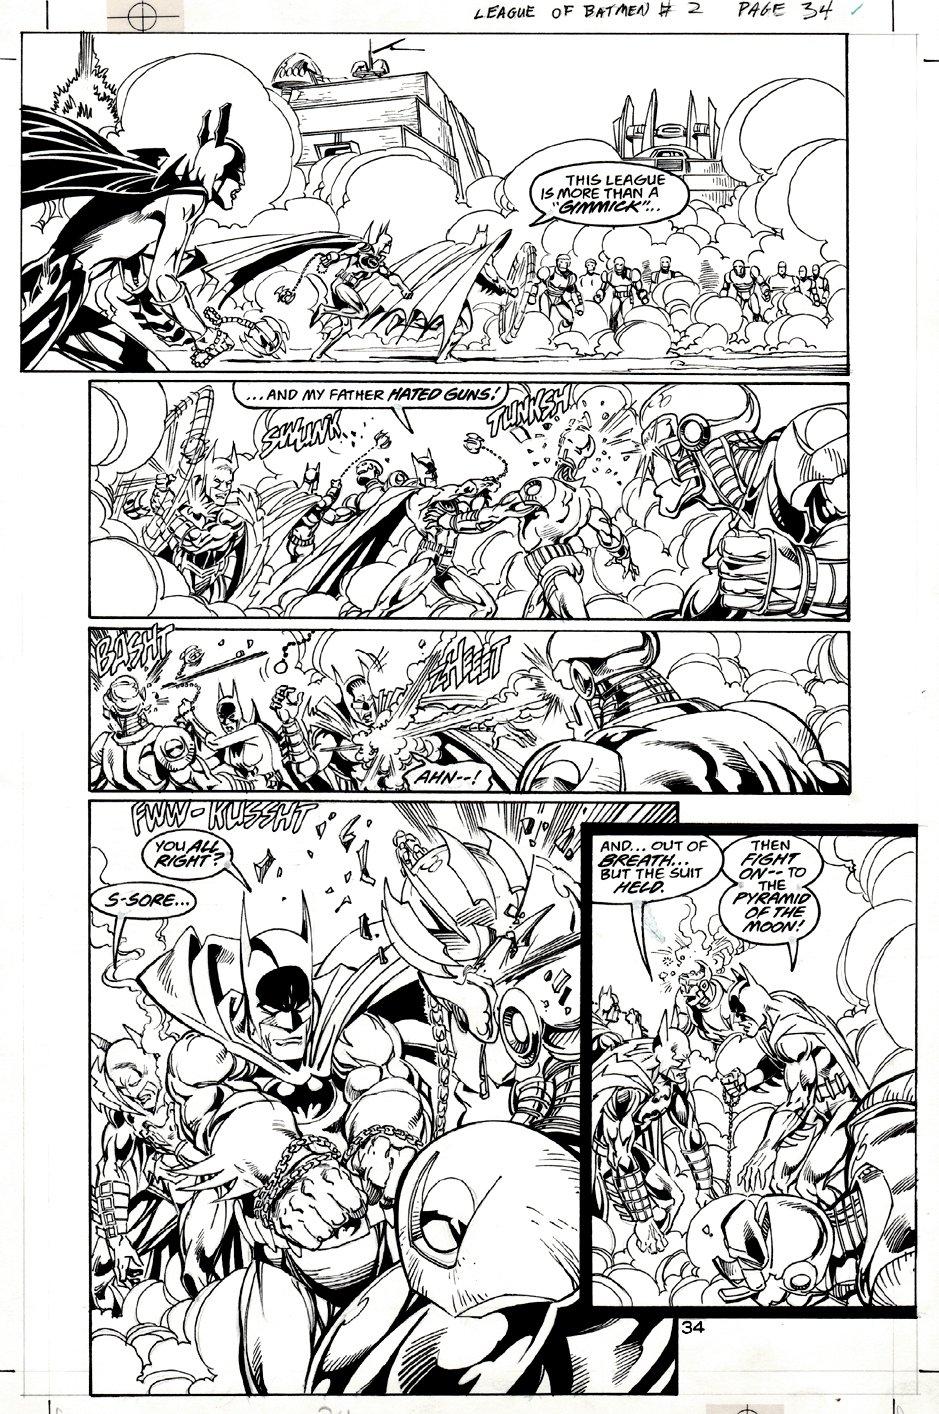 Batman: League of Batmen #2 p 34 (Multiple Batmen Battle Page!) 2001